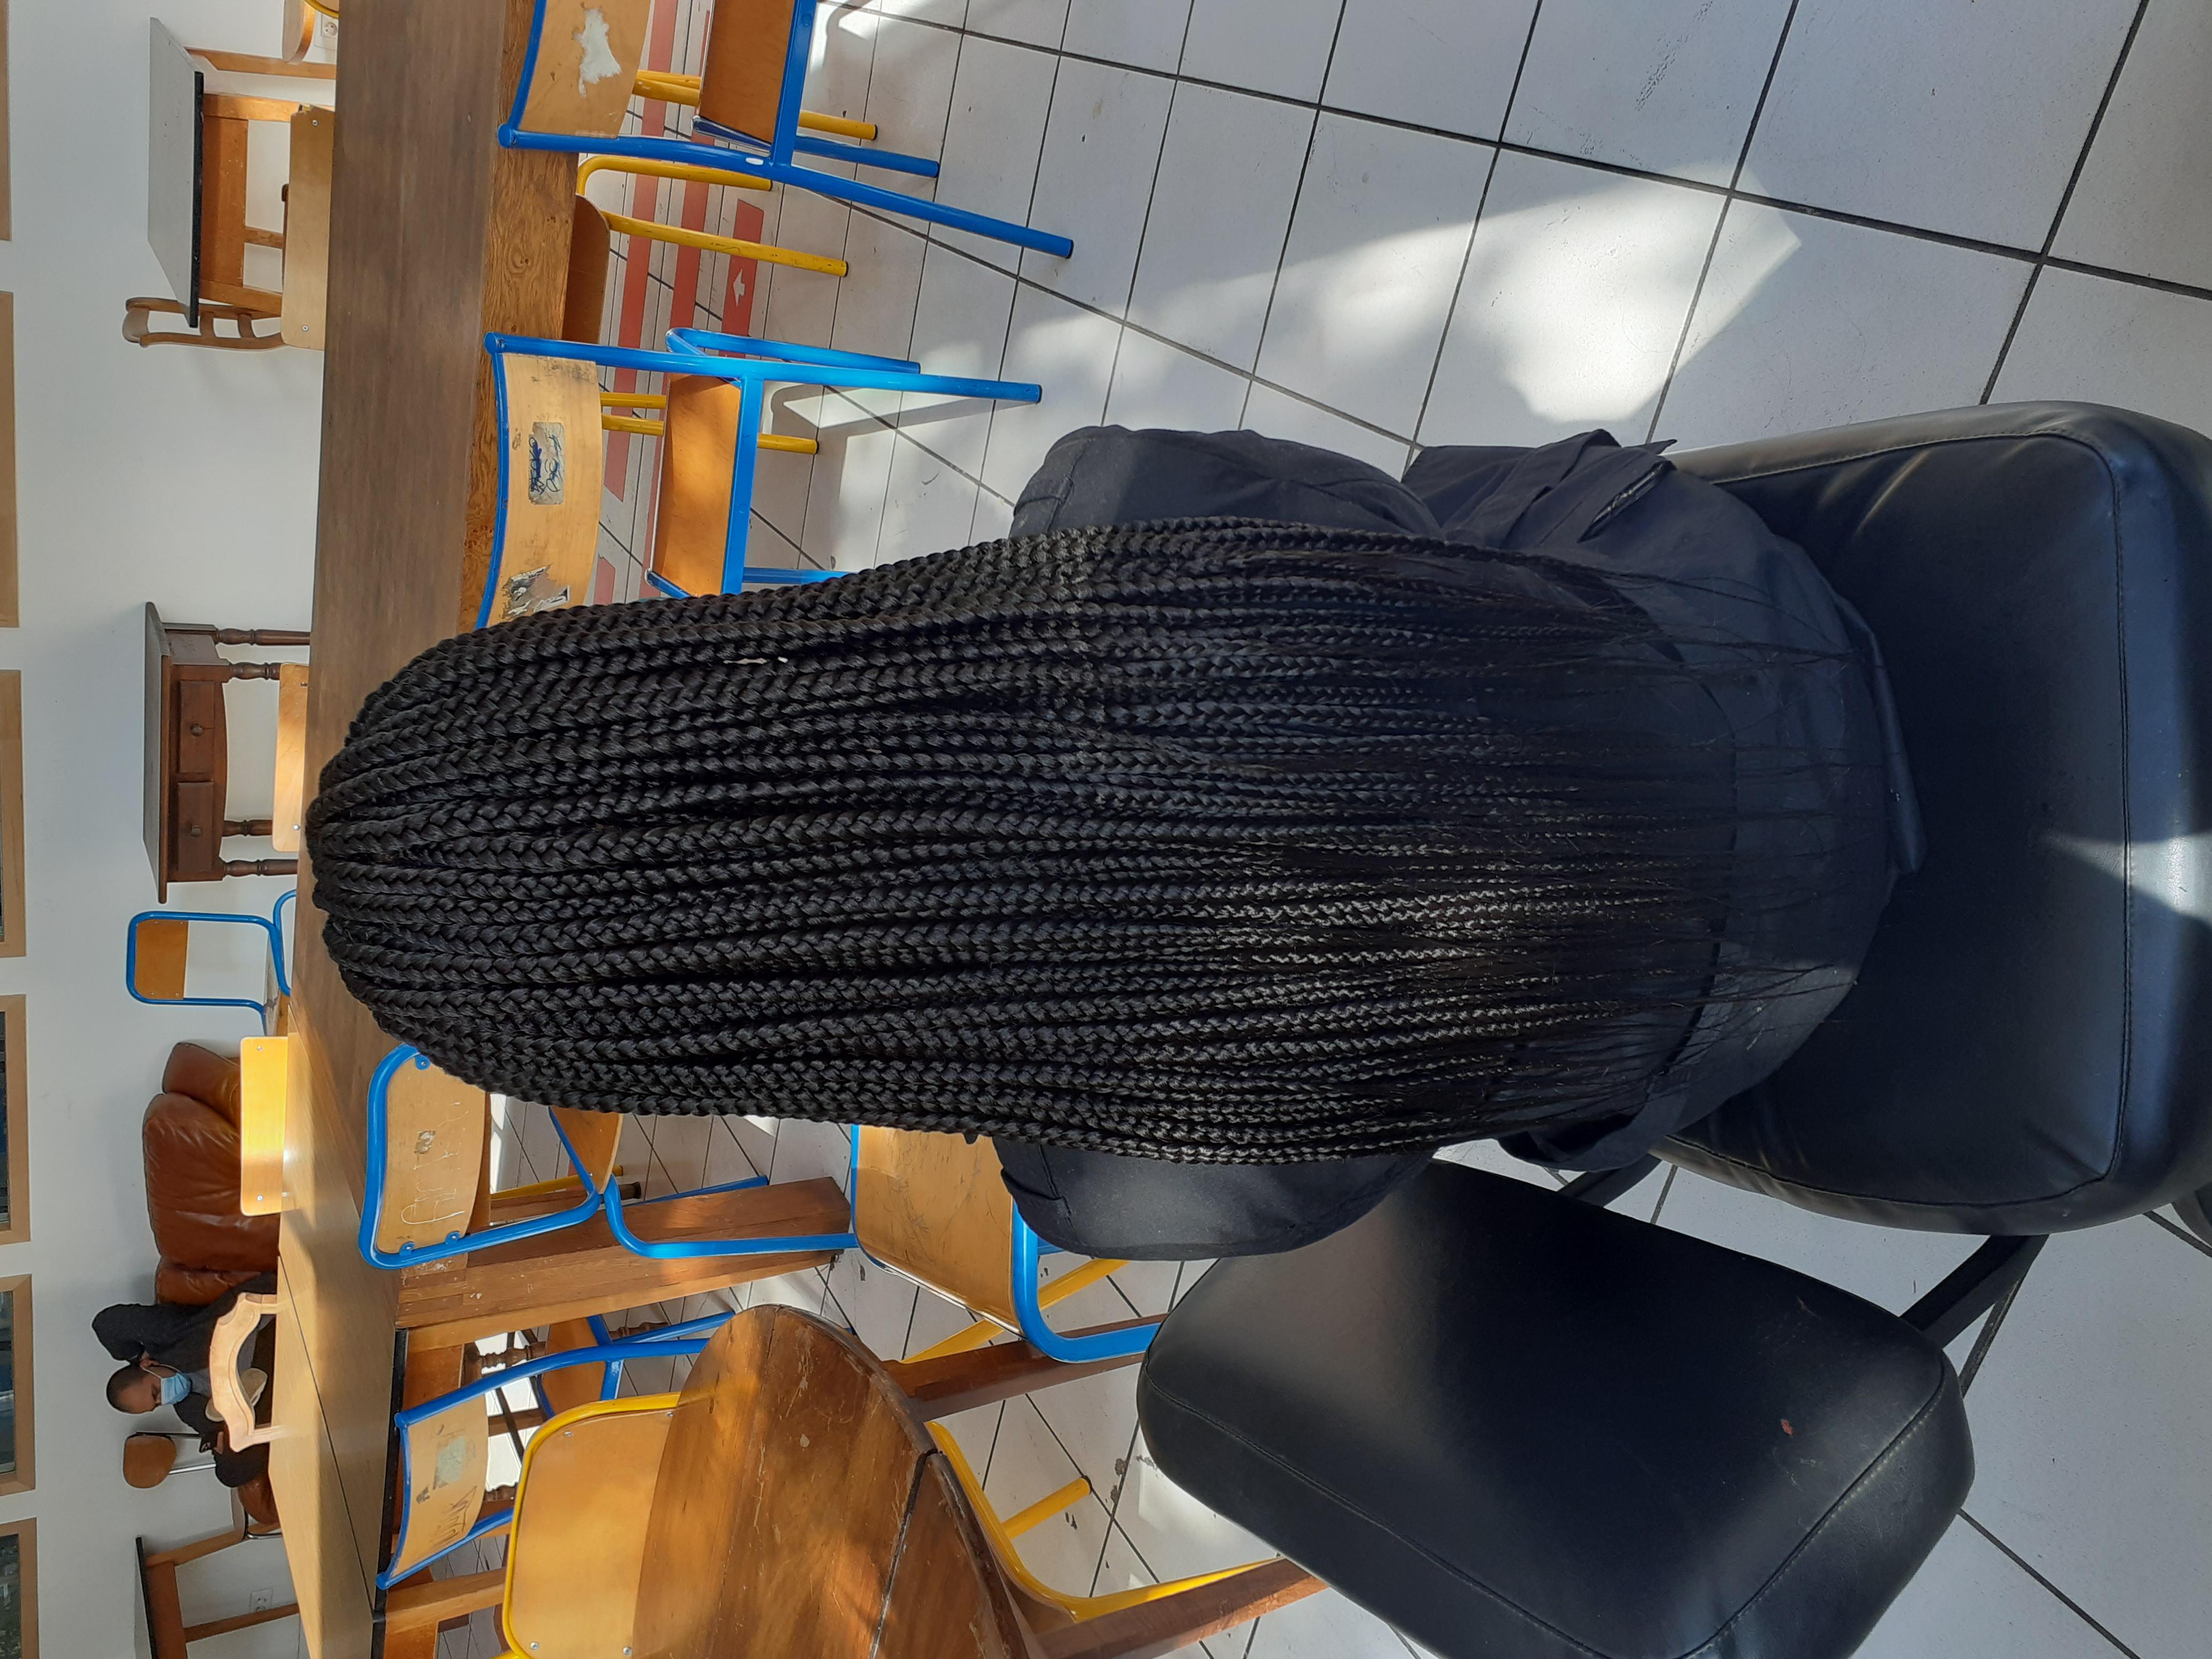 salon de coiffure afro tresse tresses box braids crochet braids vanilles tissages paris 75 77 78 91 92 93 94 95 CZKWEDVX